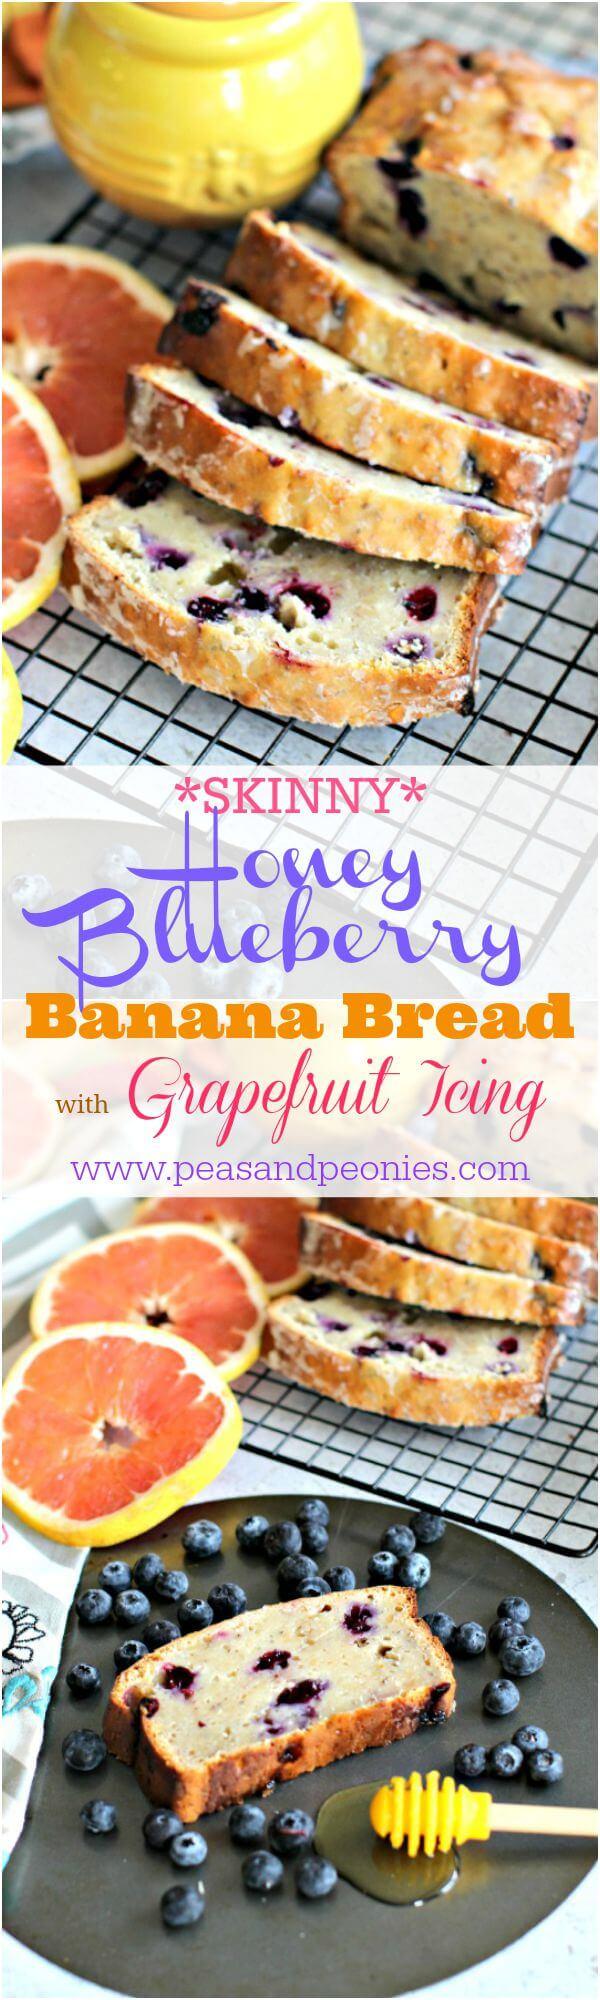 no refined sugar banana bread